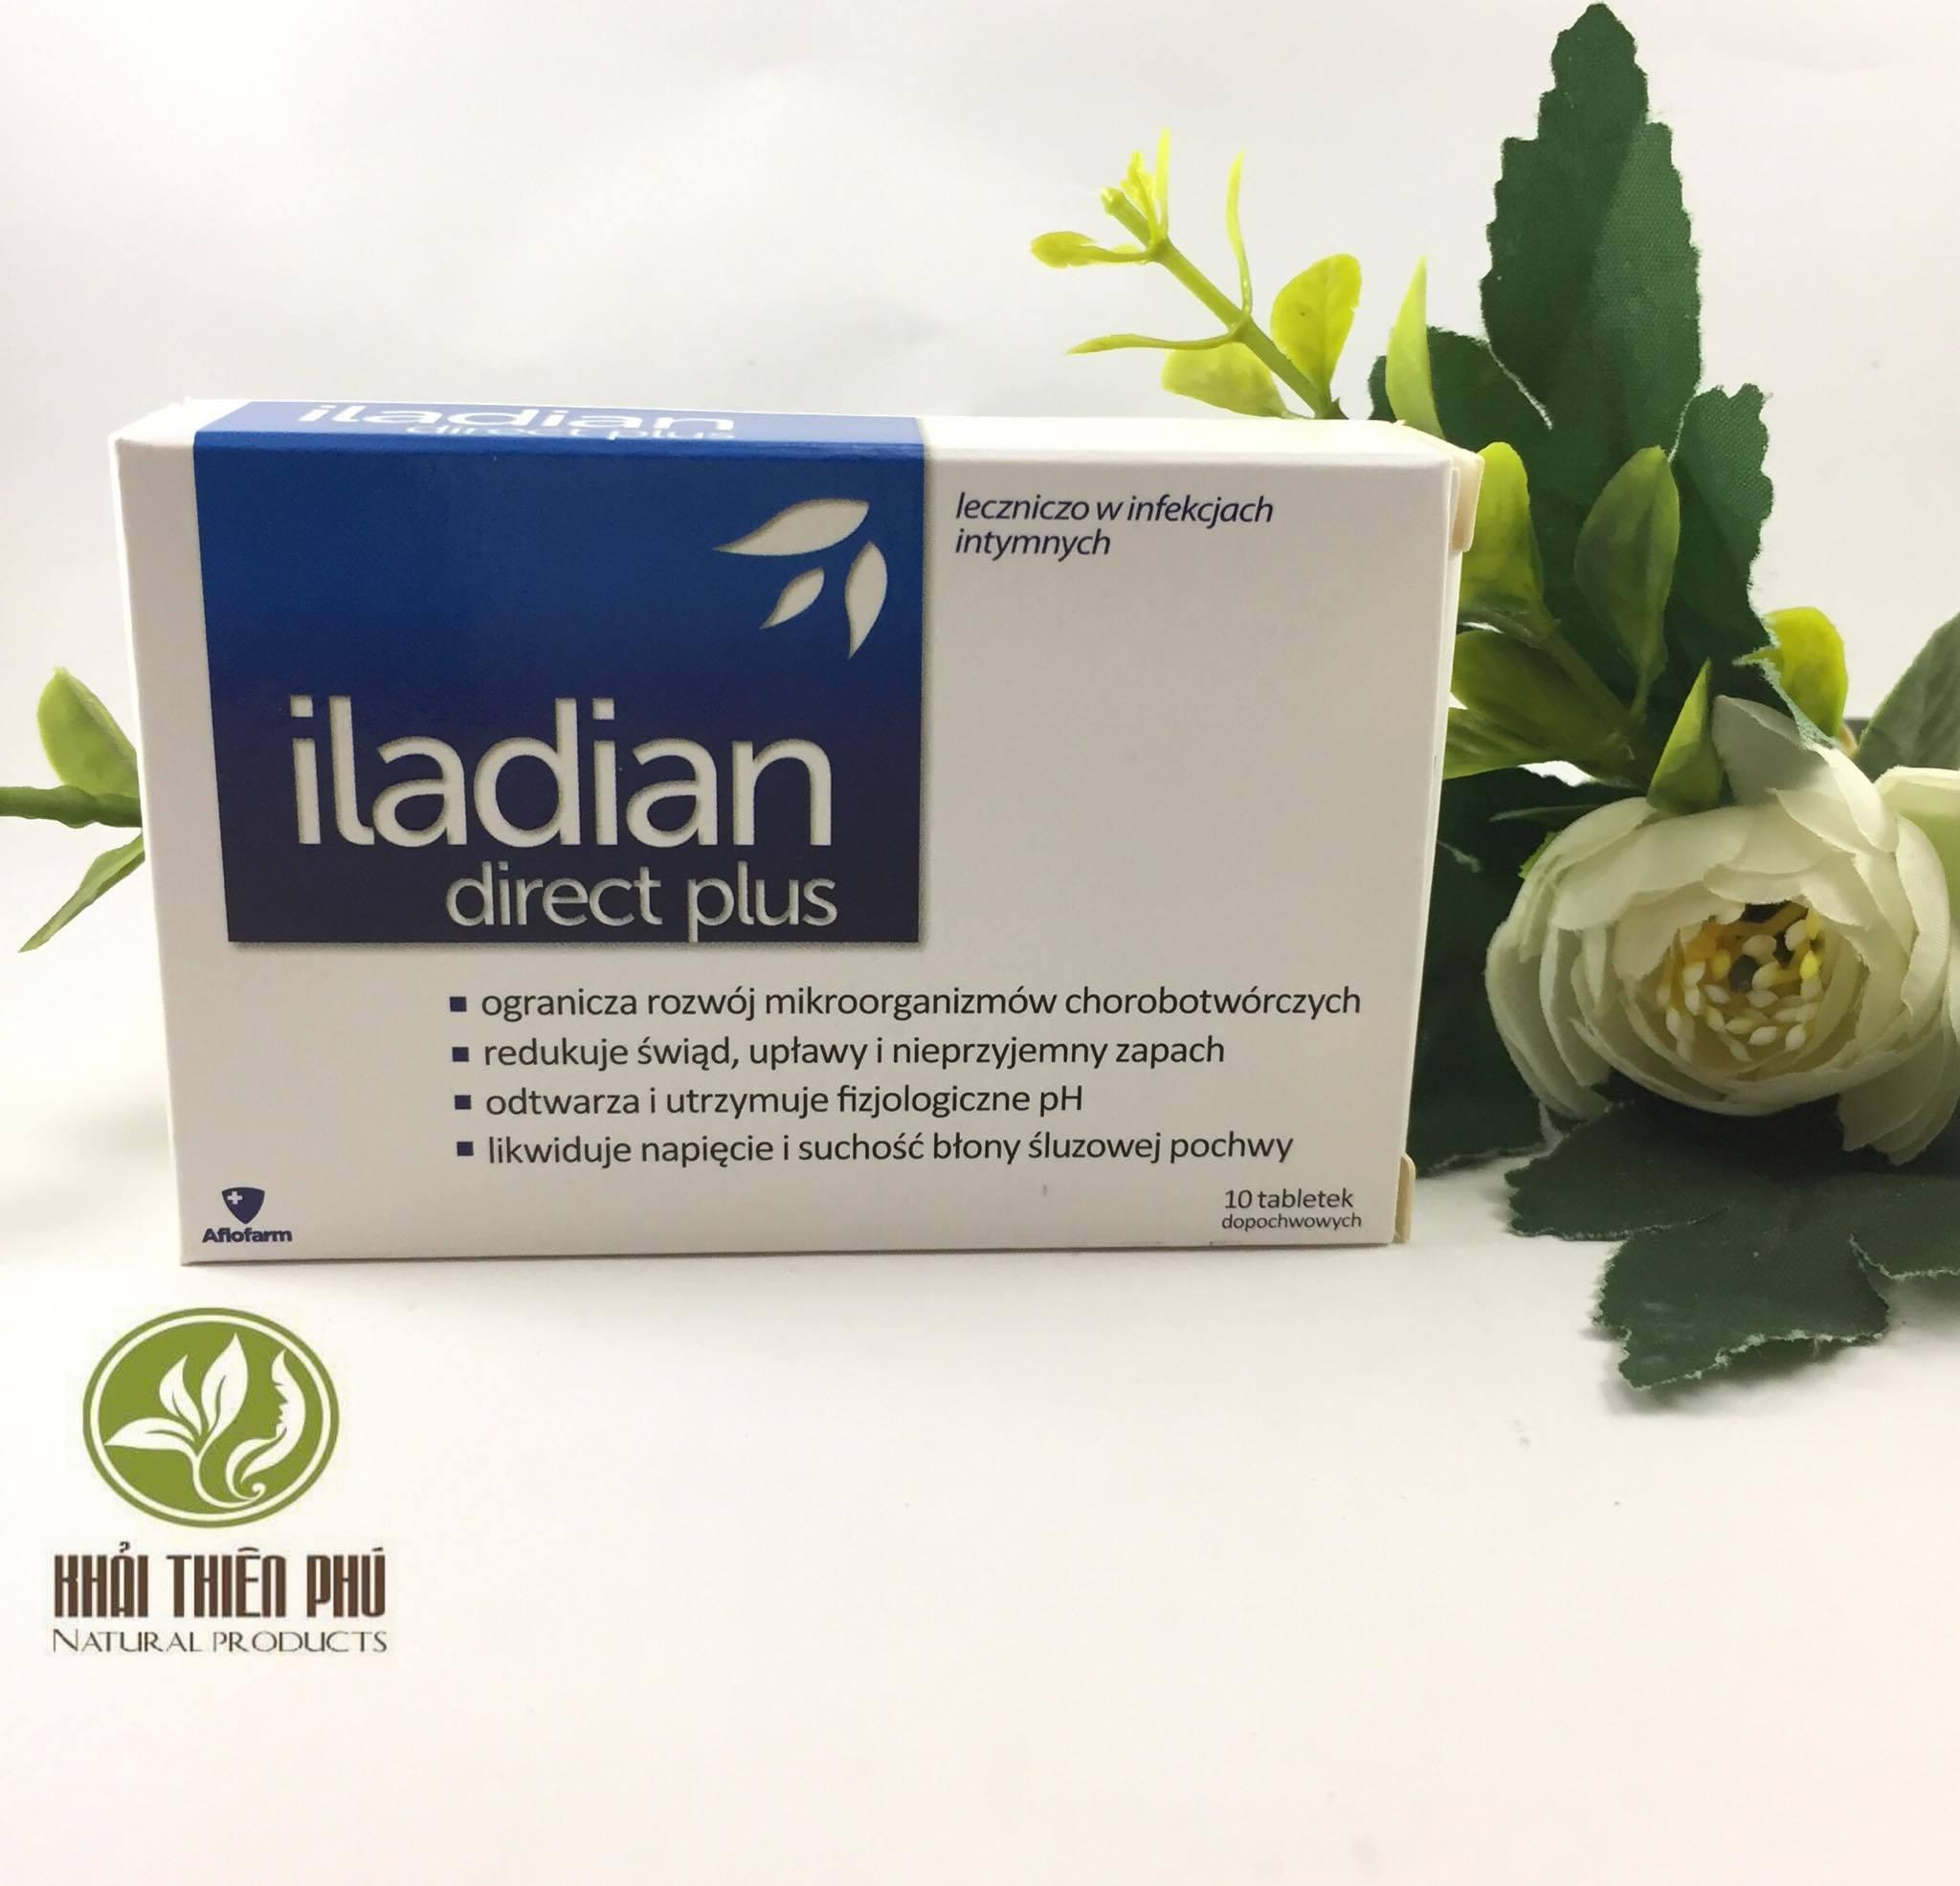 Viên đặt phụ khoa Iladian hàng Balan